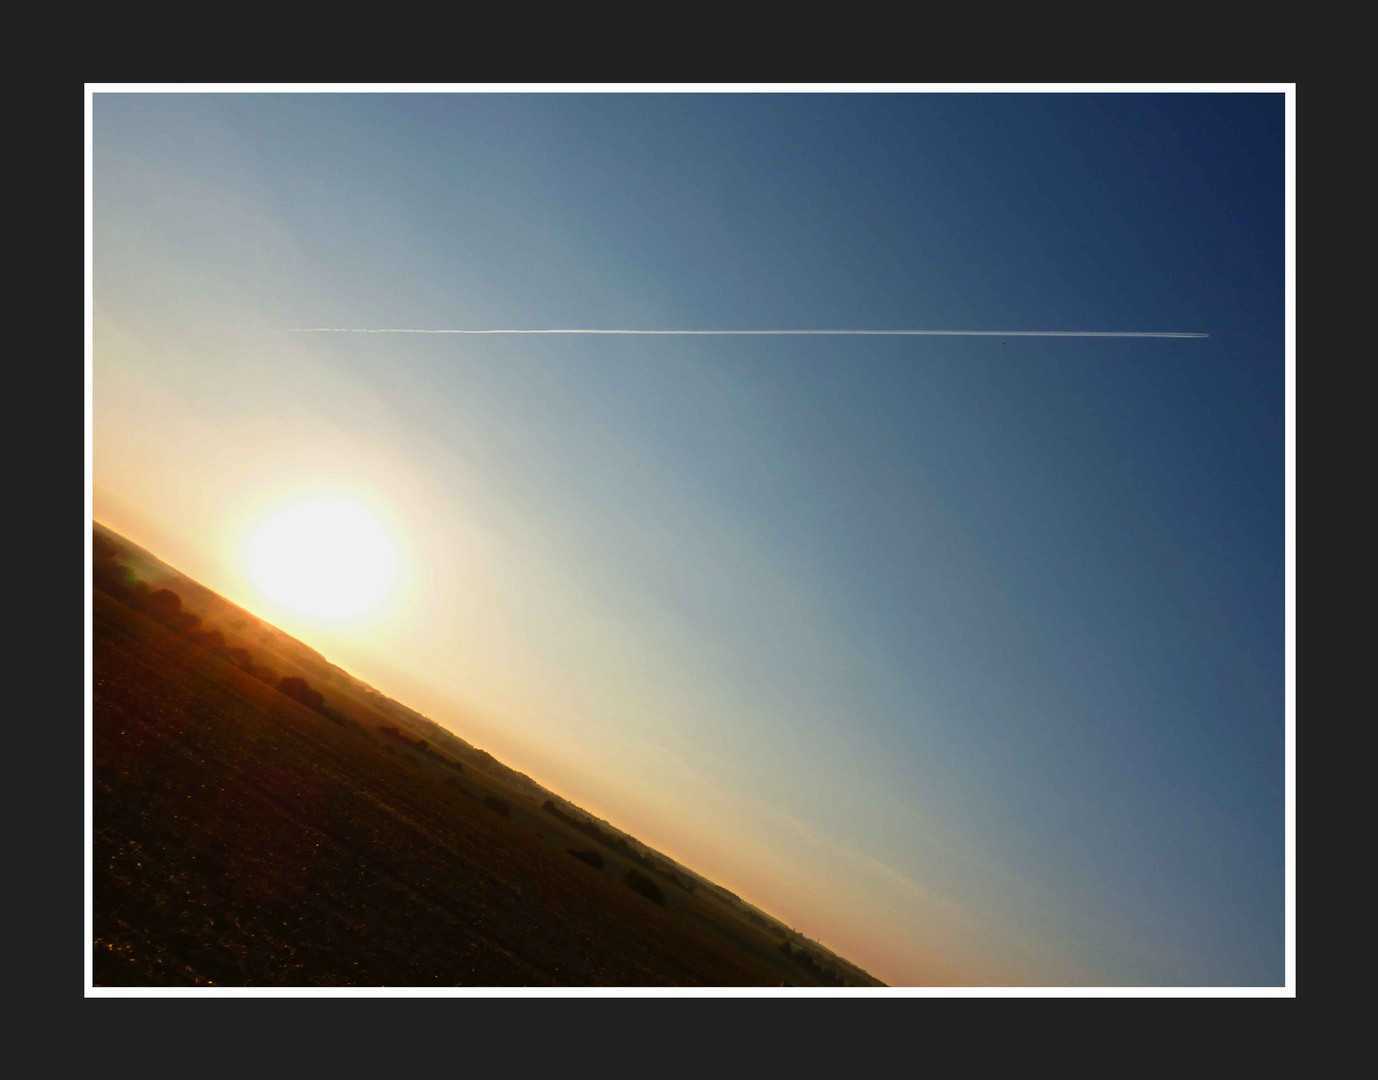 Trace d'avion dans le ciel